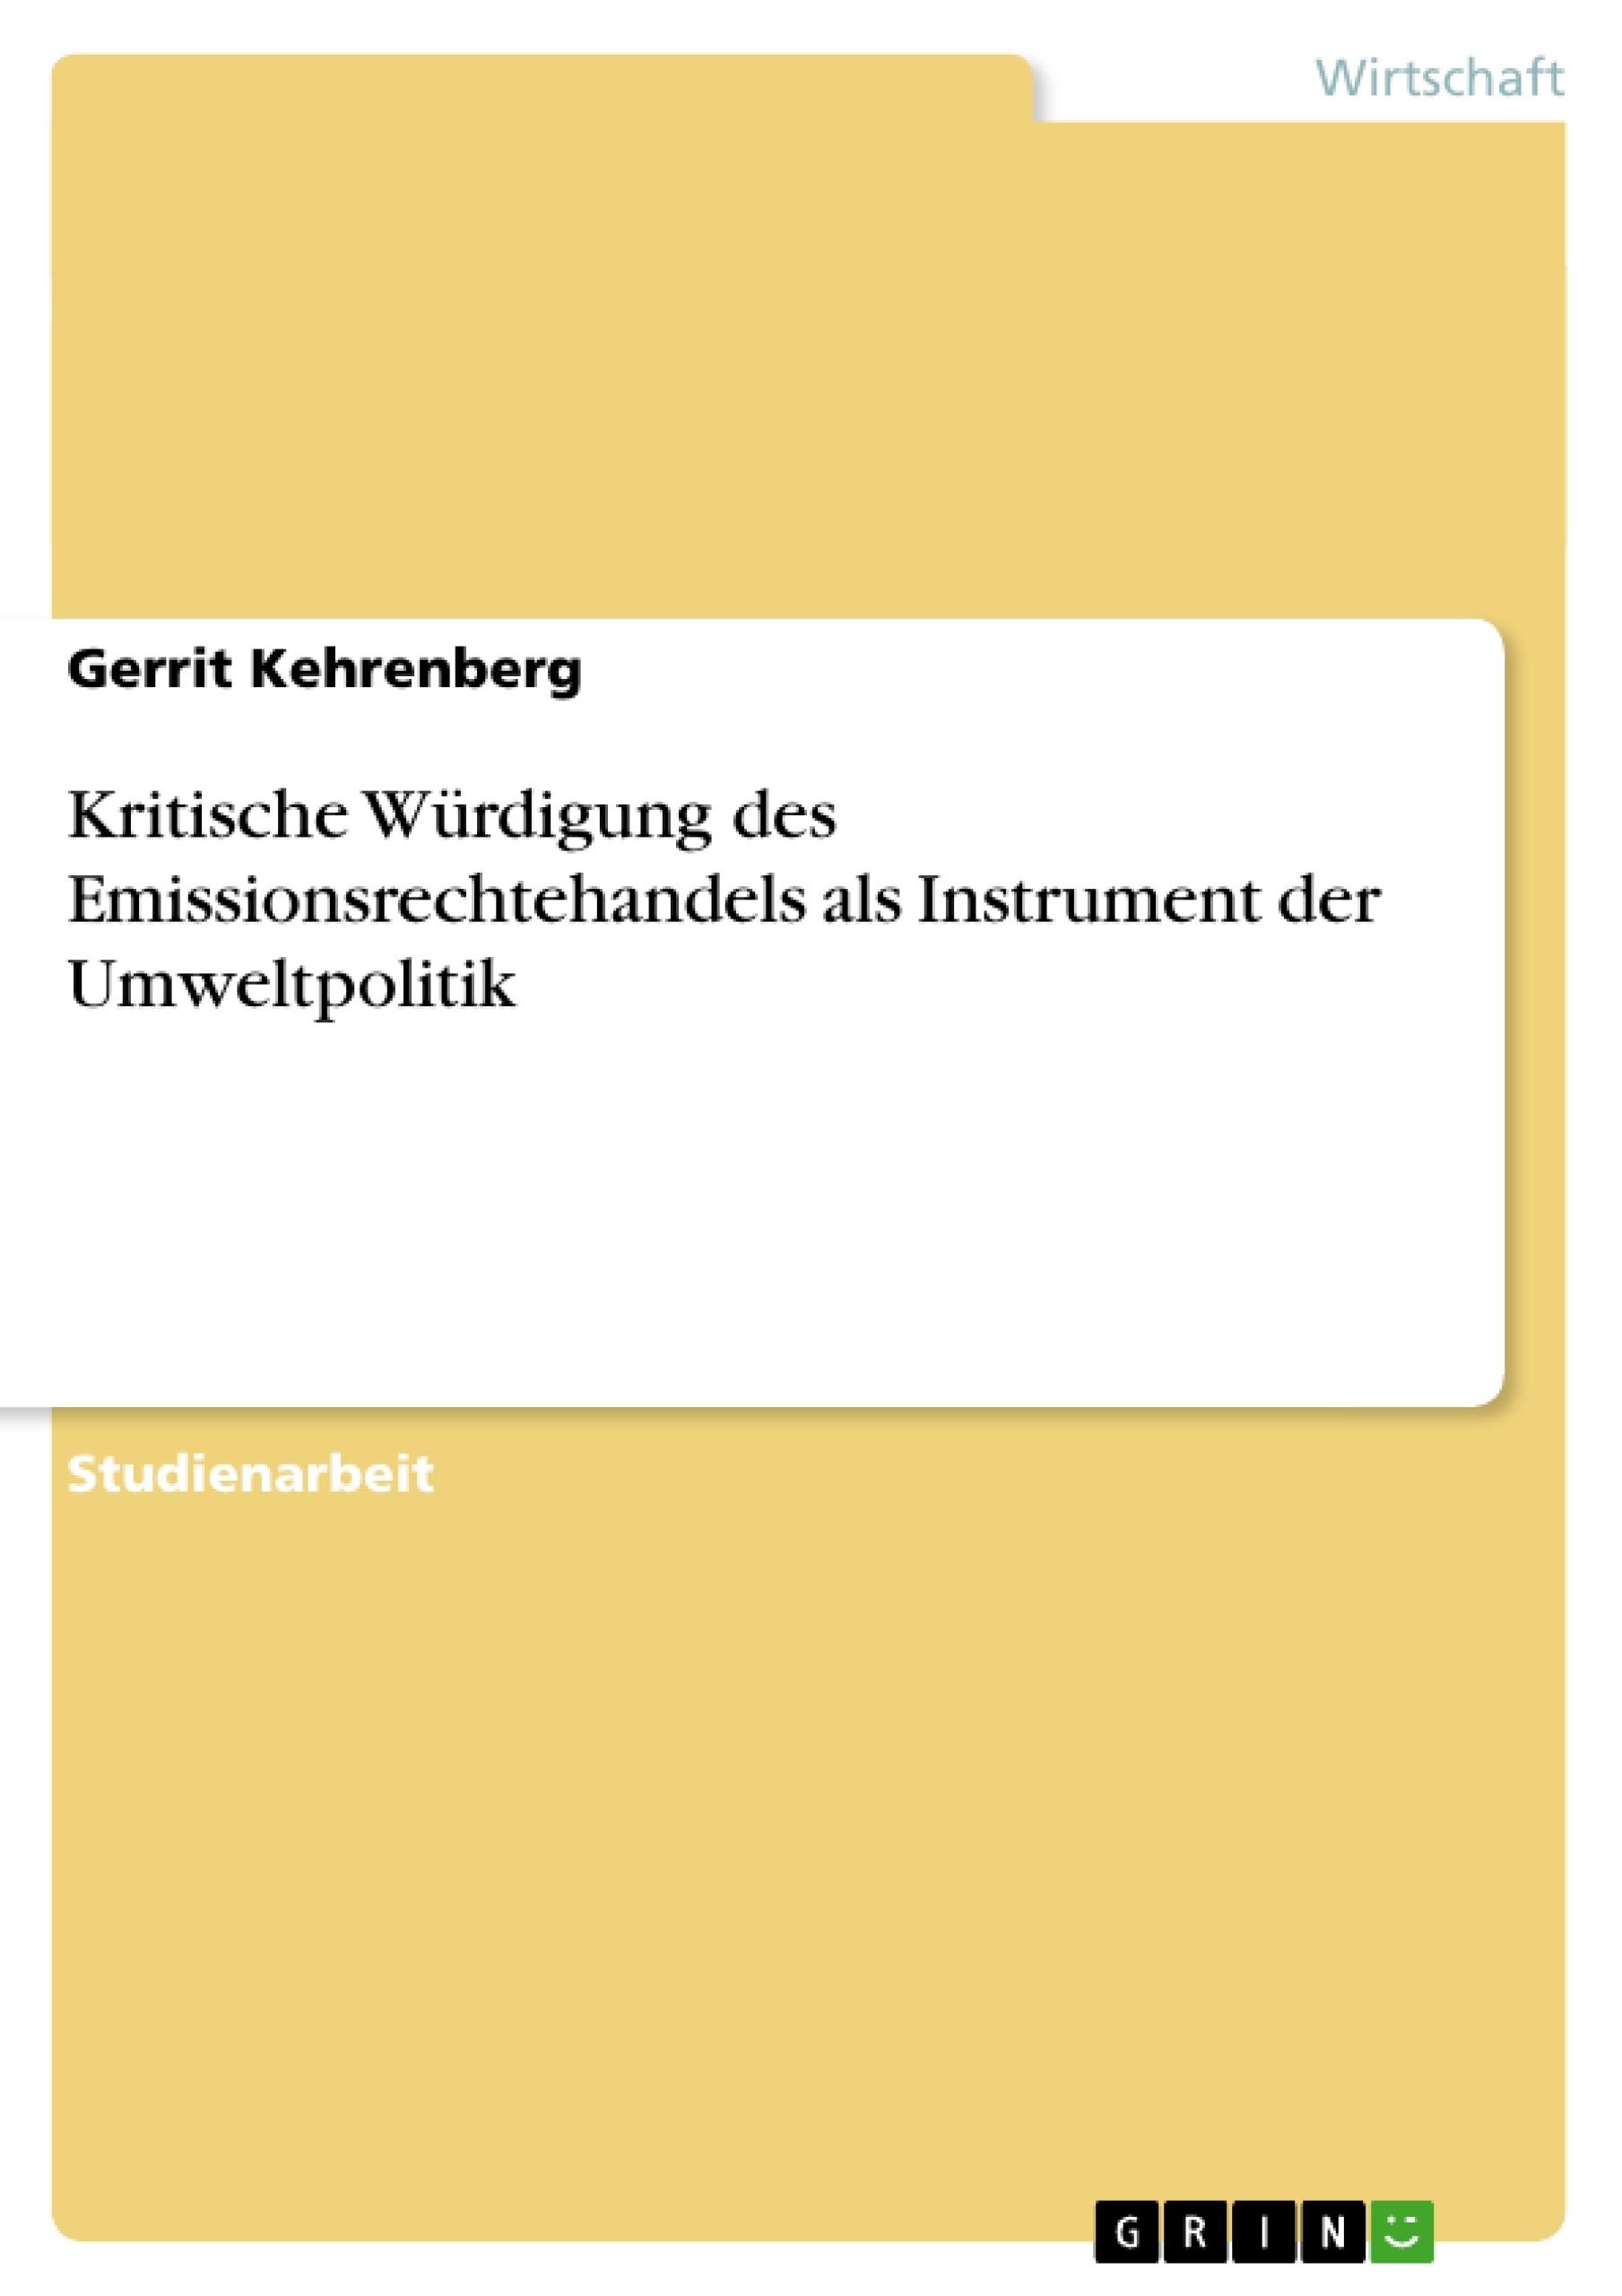 Titel: Kritische Würdigung des Emissionsrechtehandels als Instrument der Umweltpolitik